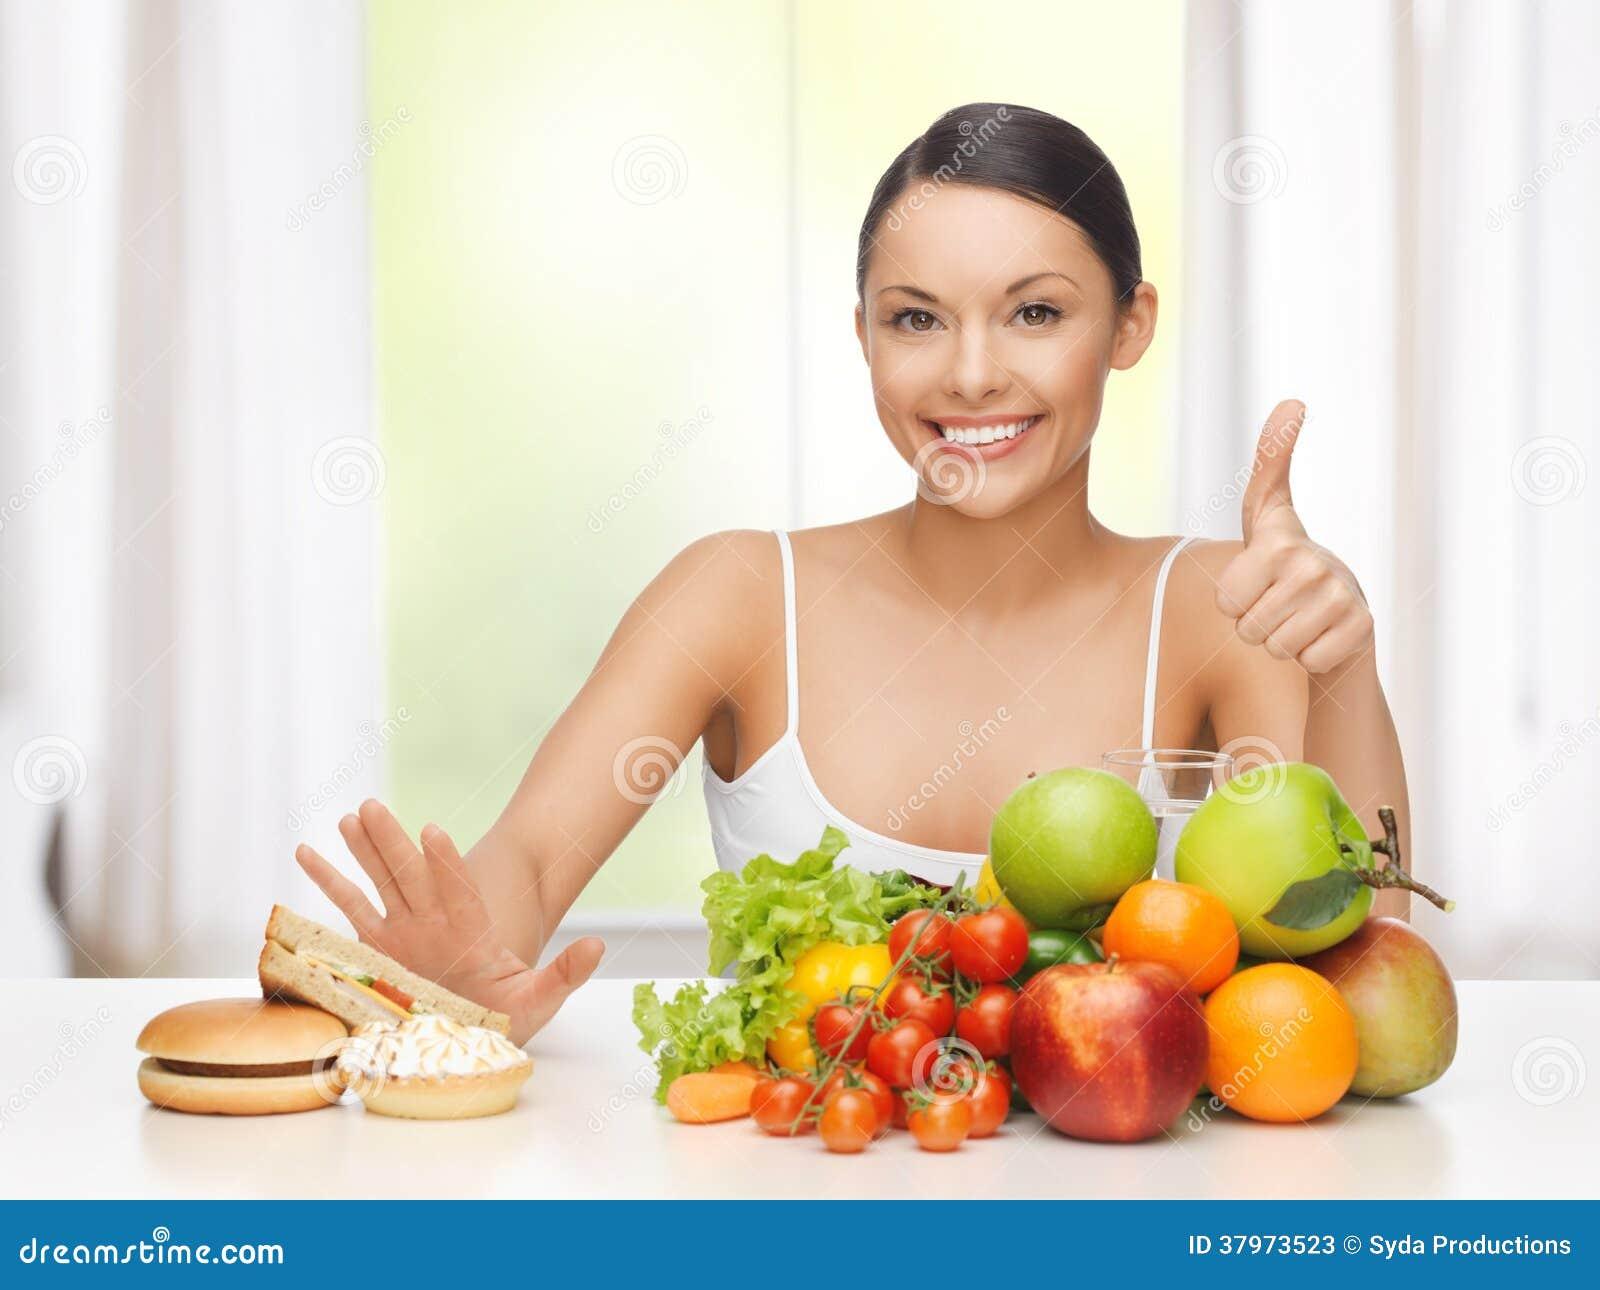 Диеты для похудения, быстрое похудение - на Dietsru